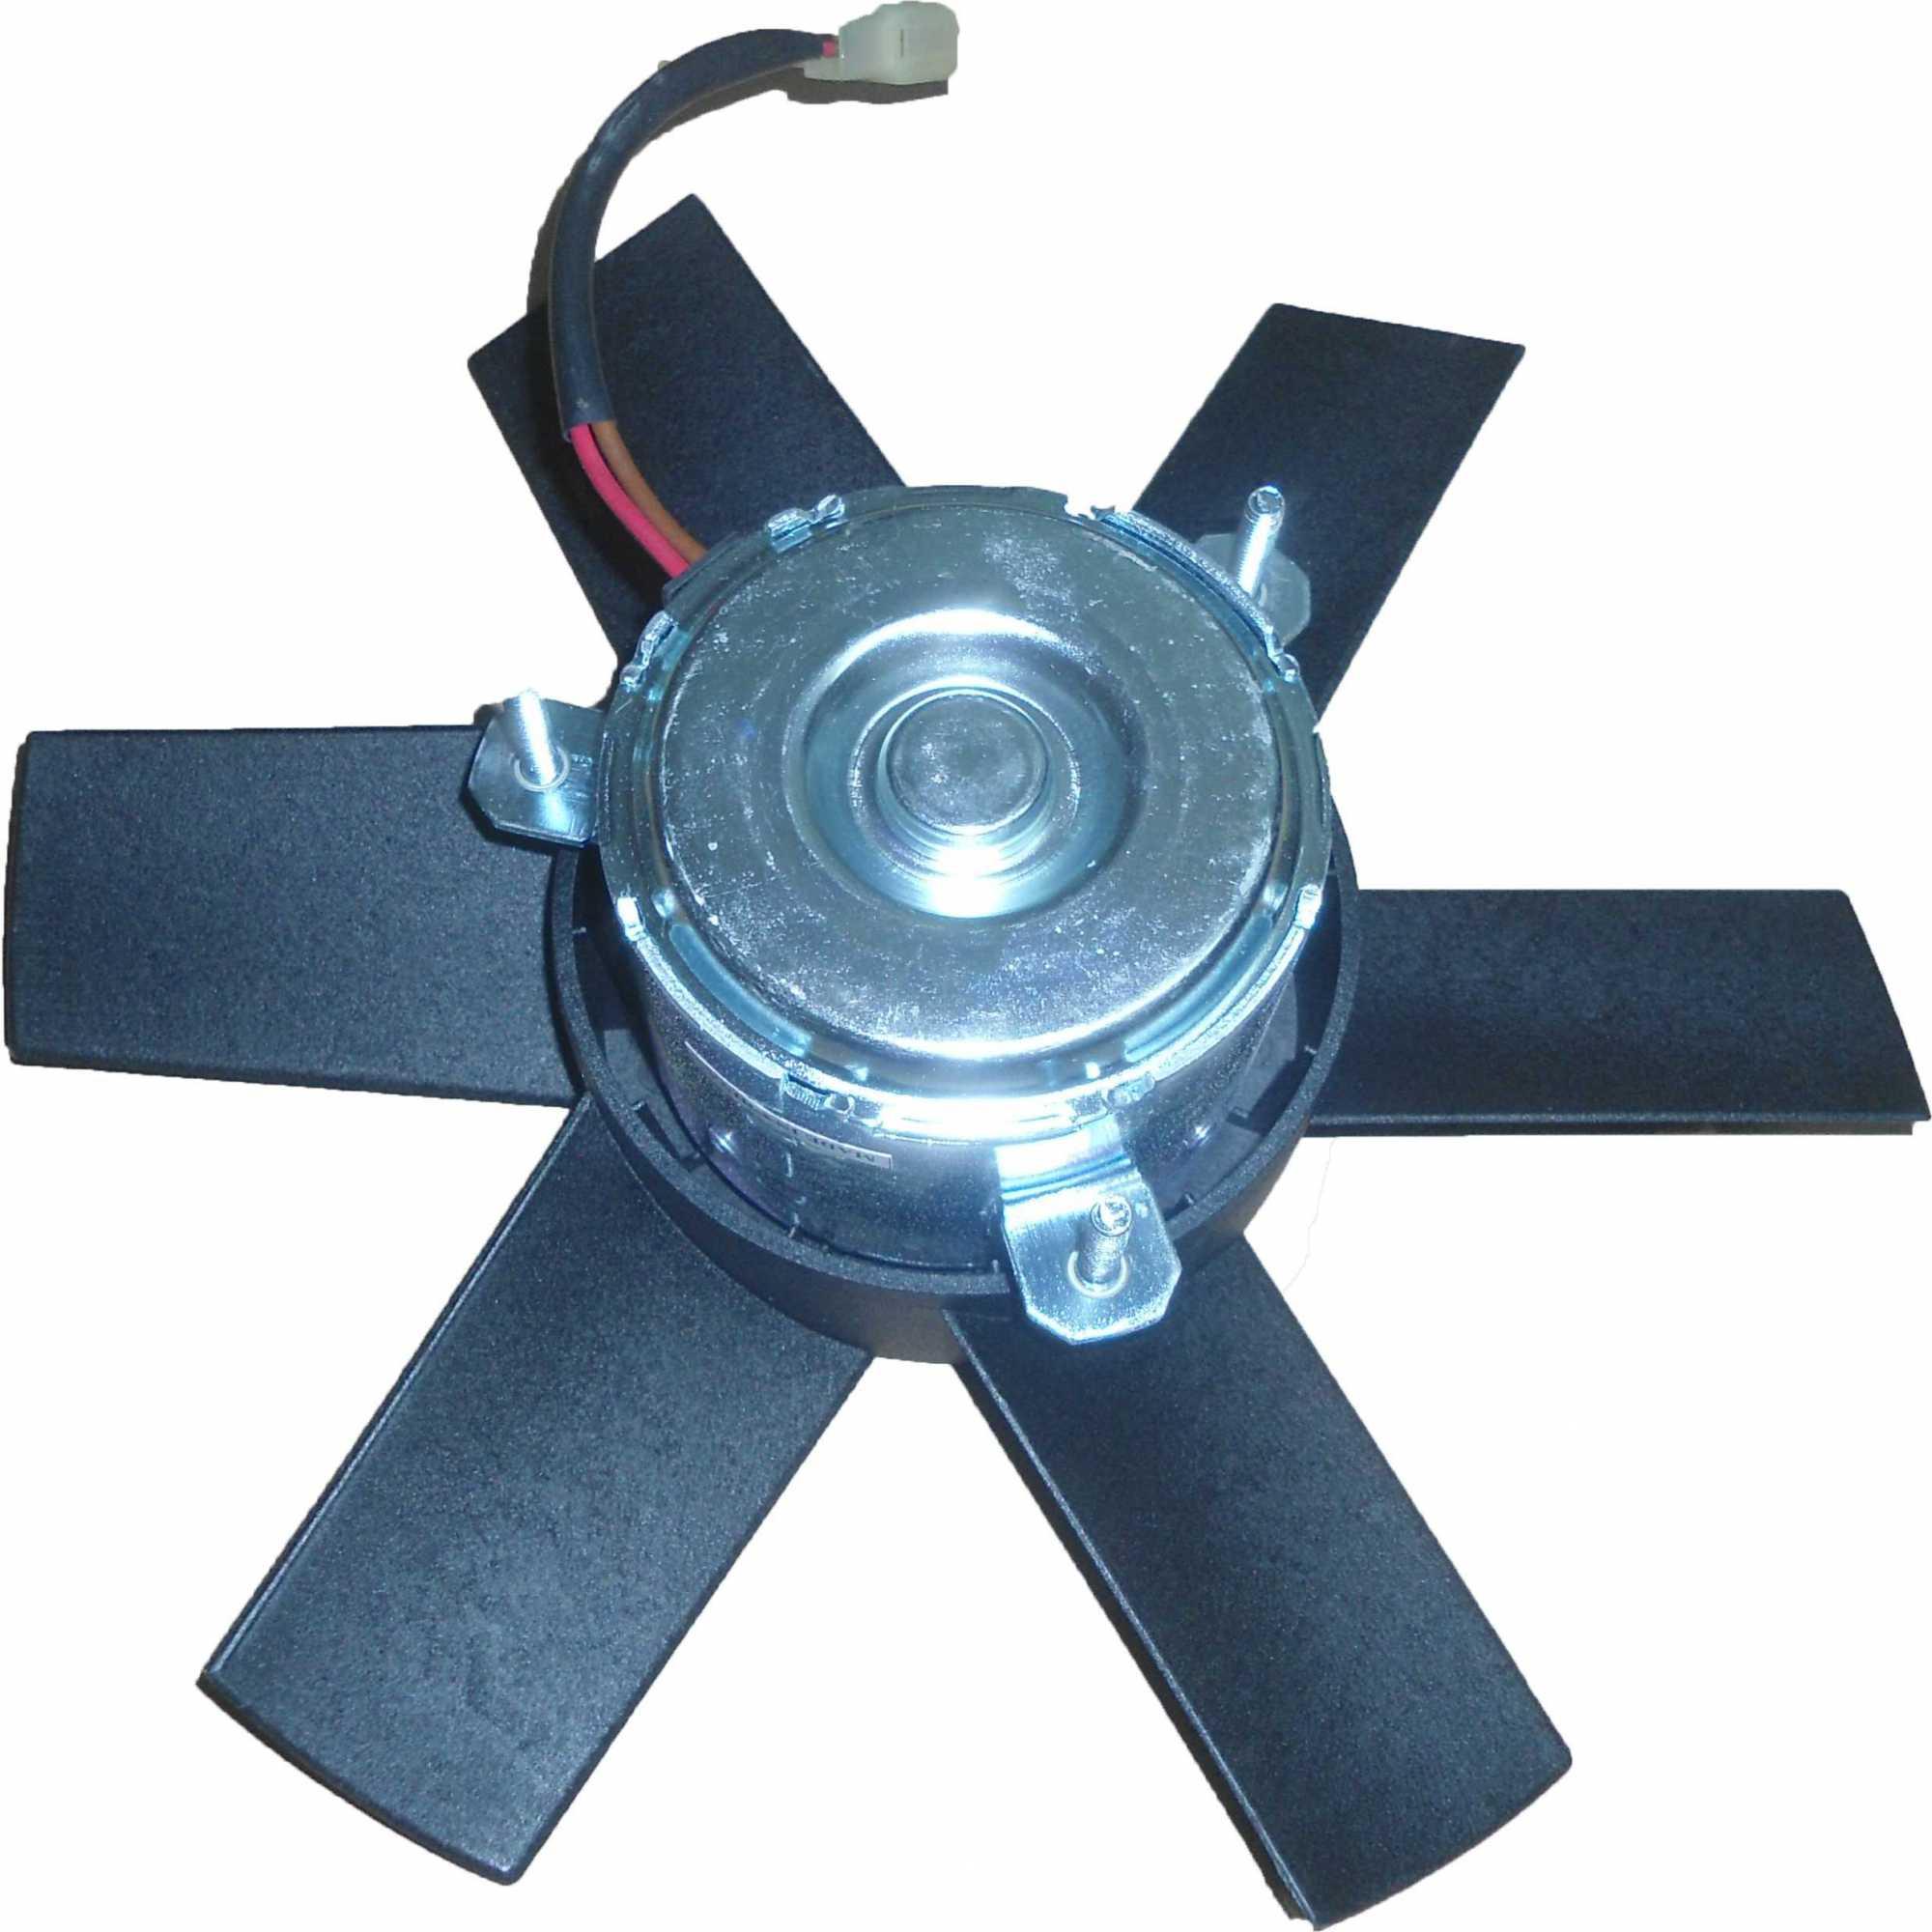 Eletroventilador Elba Fiorino Uno 1990 A 2004 S/Ar